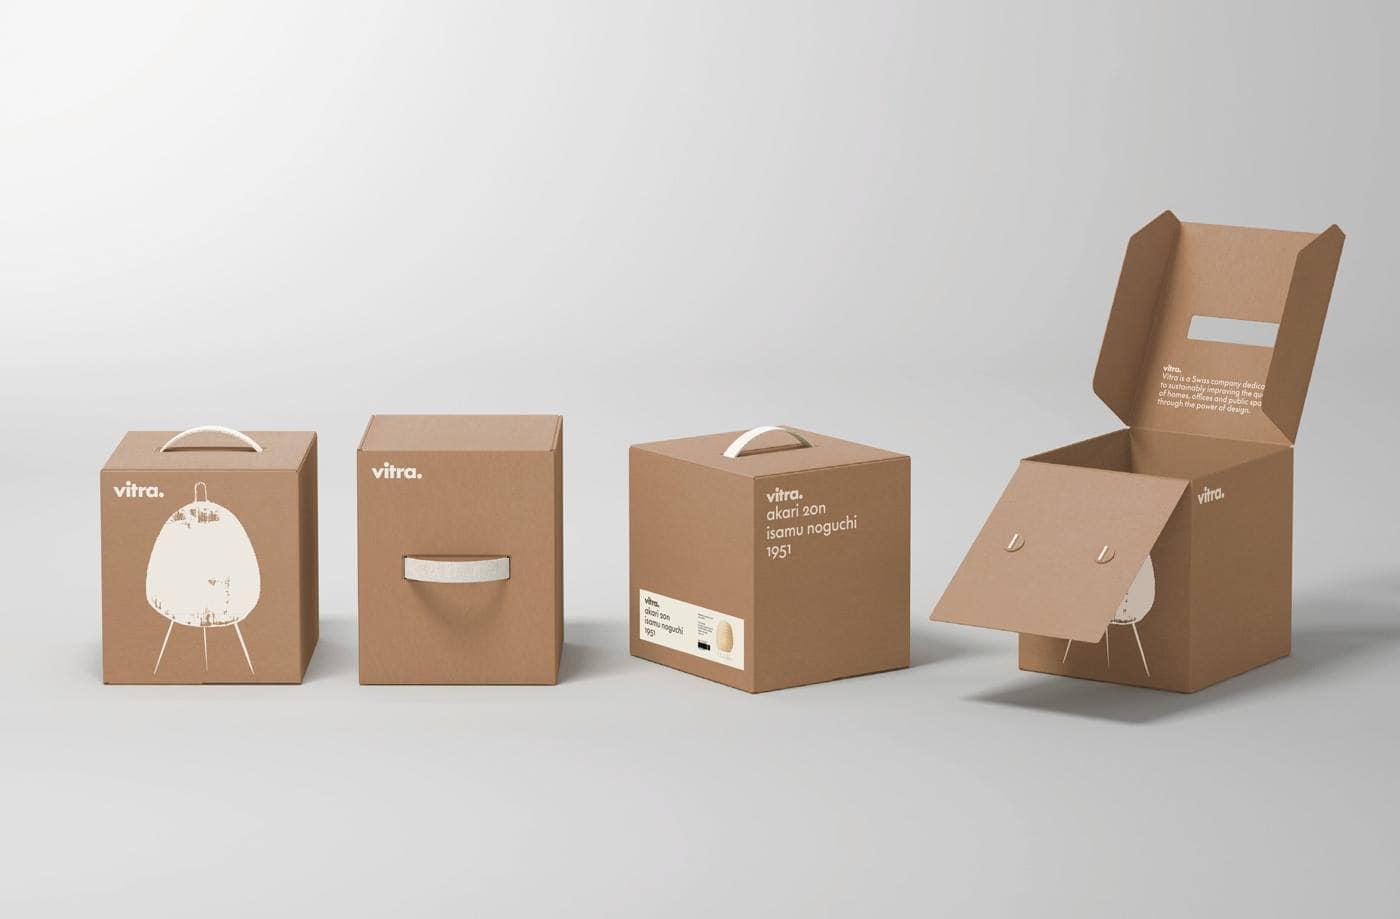 Những khó khăn gặp phải khi thiết kế và in hộp giấy cứng tại 2 nơi khác nhau